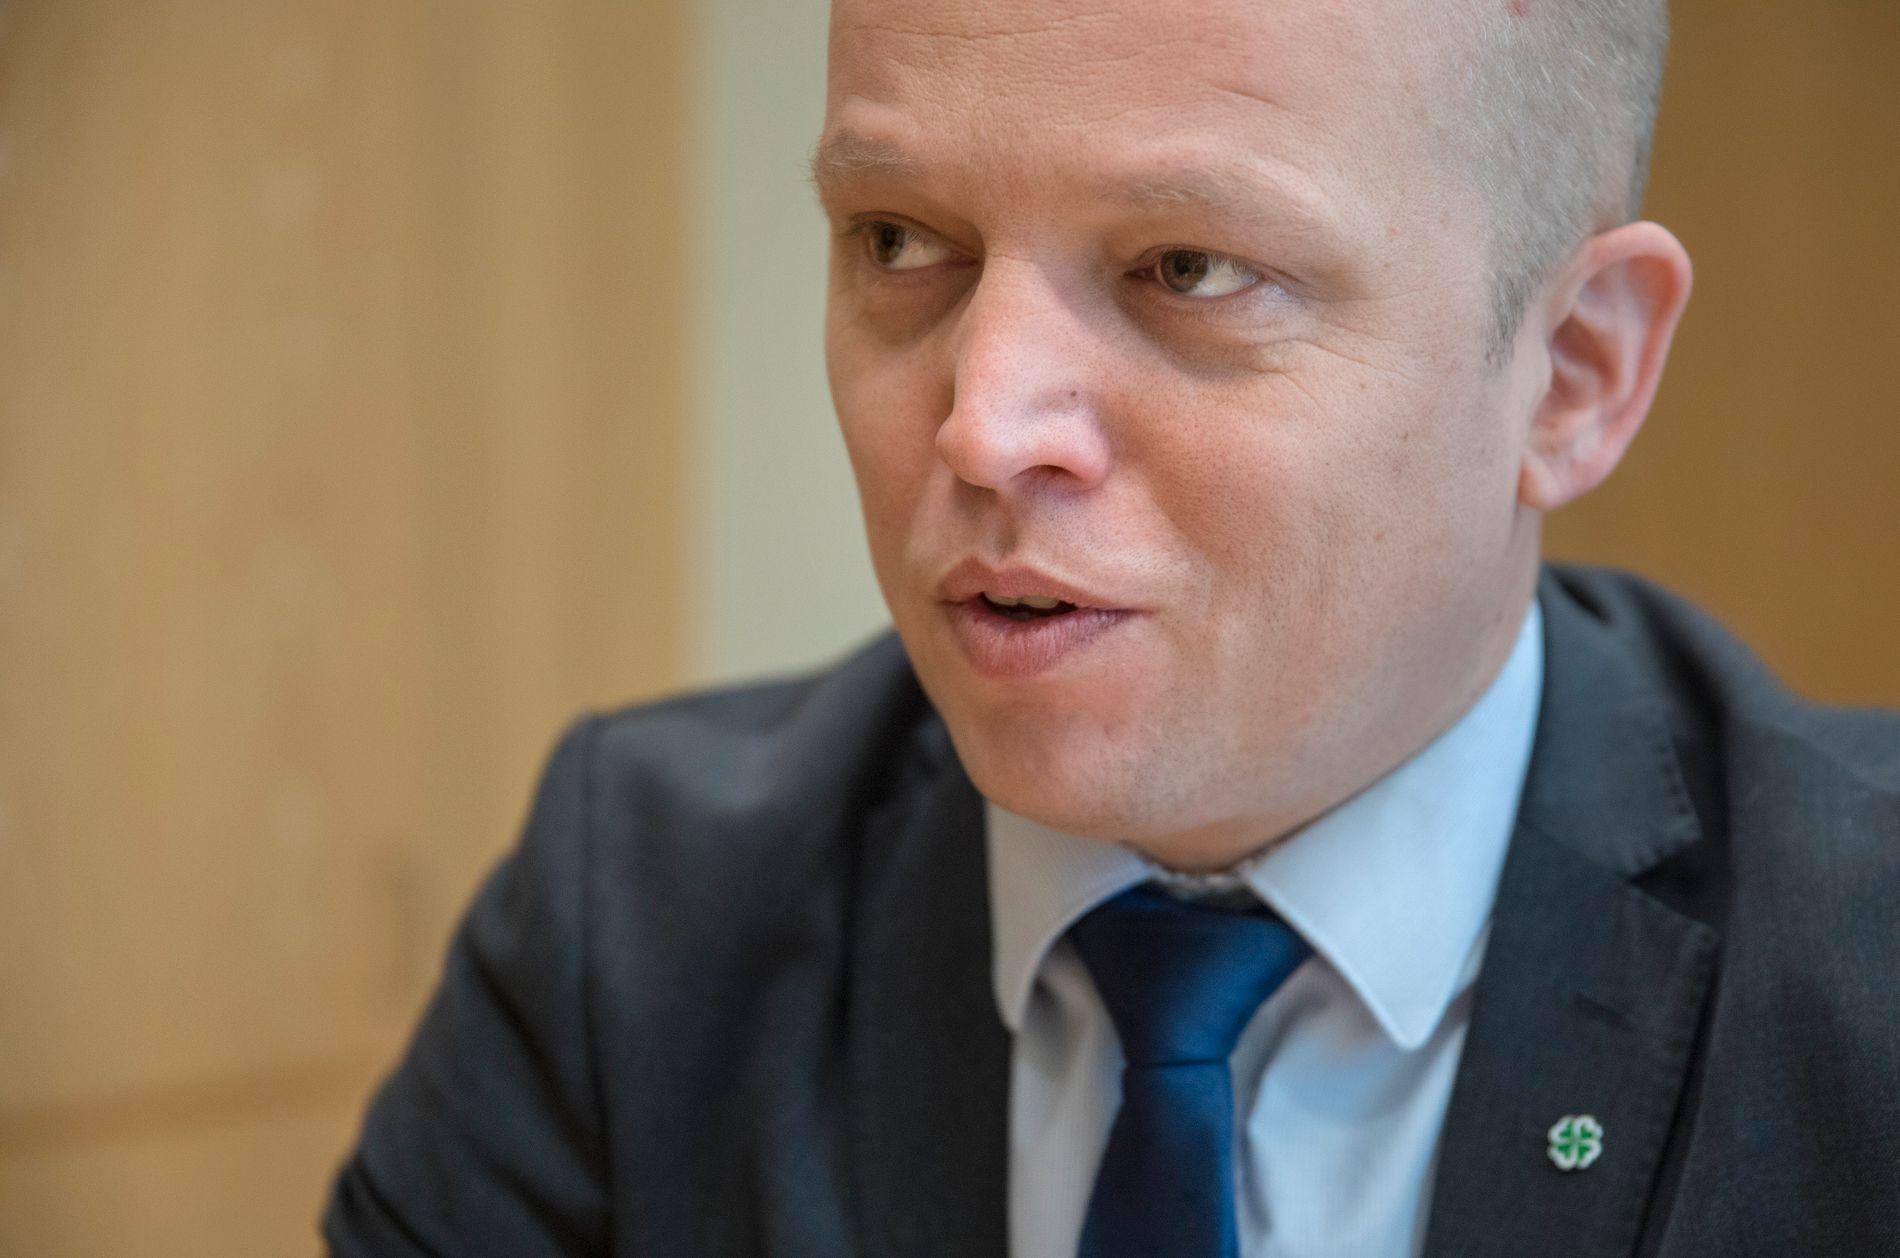 VETO: Senterparti-leder Trygve Slagsvold Vedum mener EU-kommisjonens forslag om et nytt arbeidsmarkedsbyrå bør bli møtt med veto fra Norge i EØS.